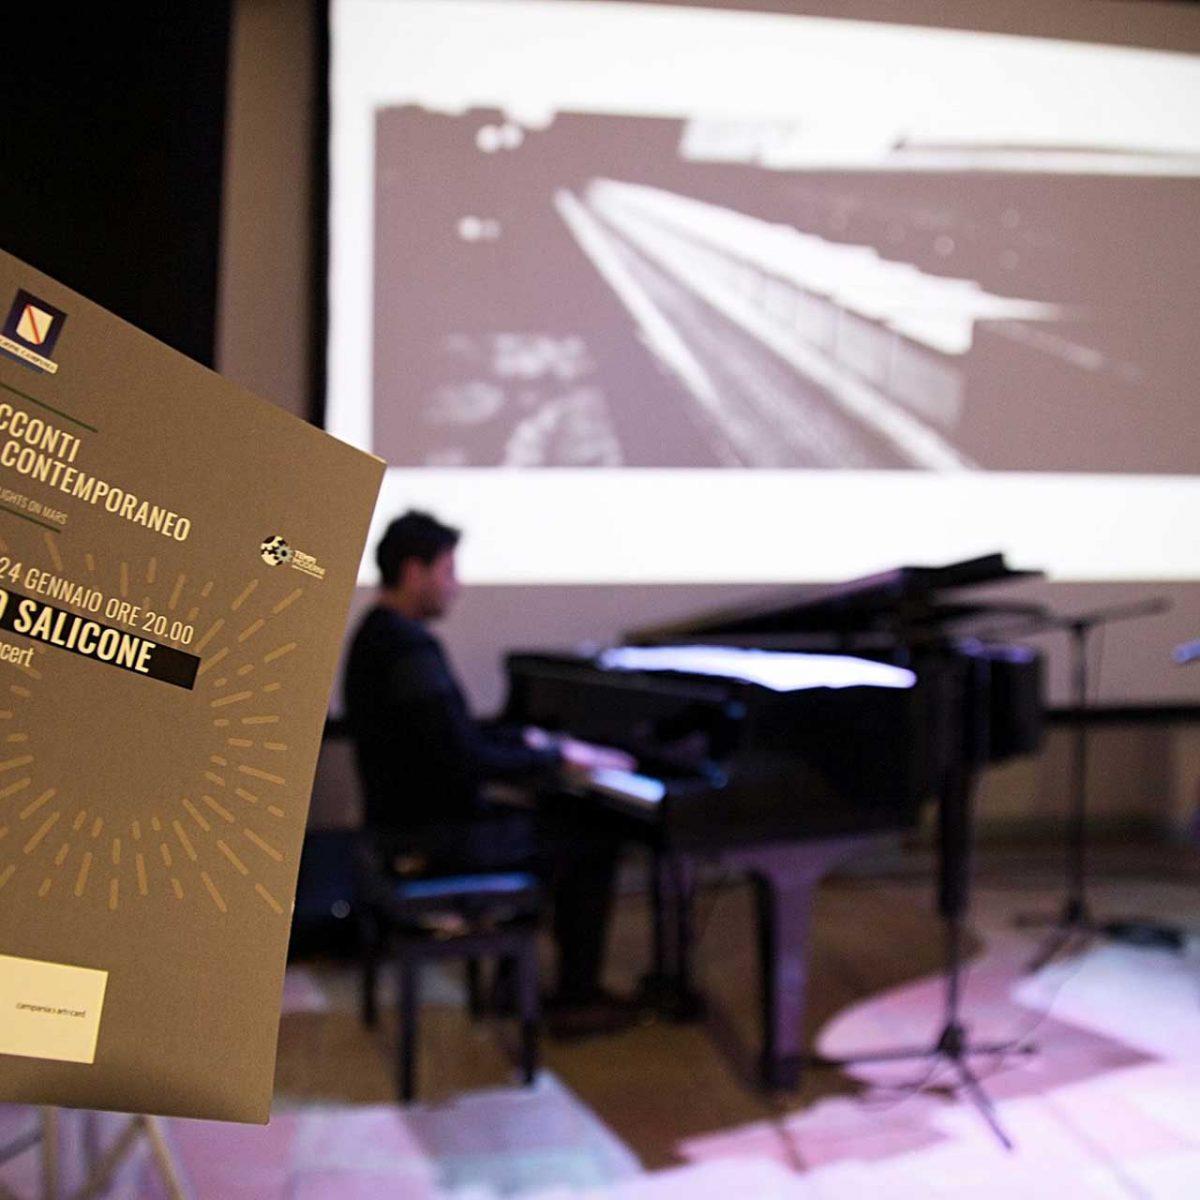 Bruno Salicone - Piano Solo Concert - Ospite speciale Giusi Mitrano